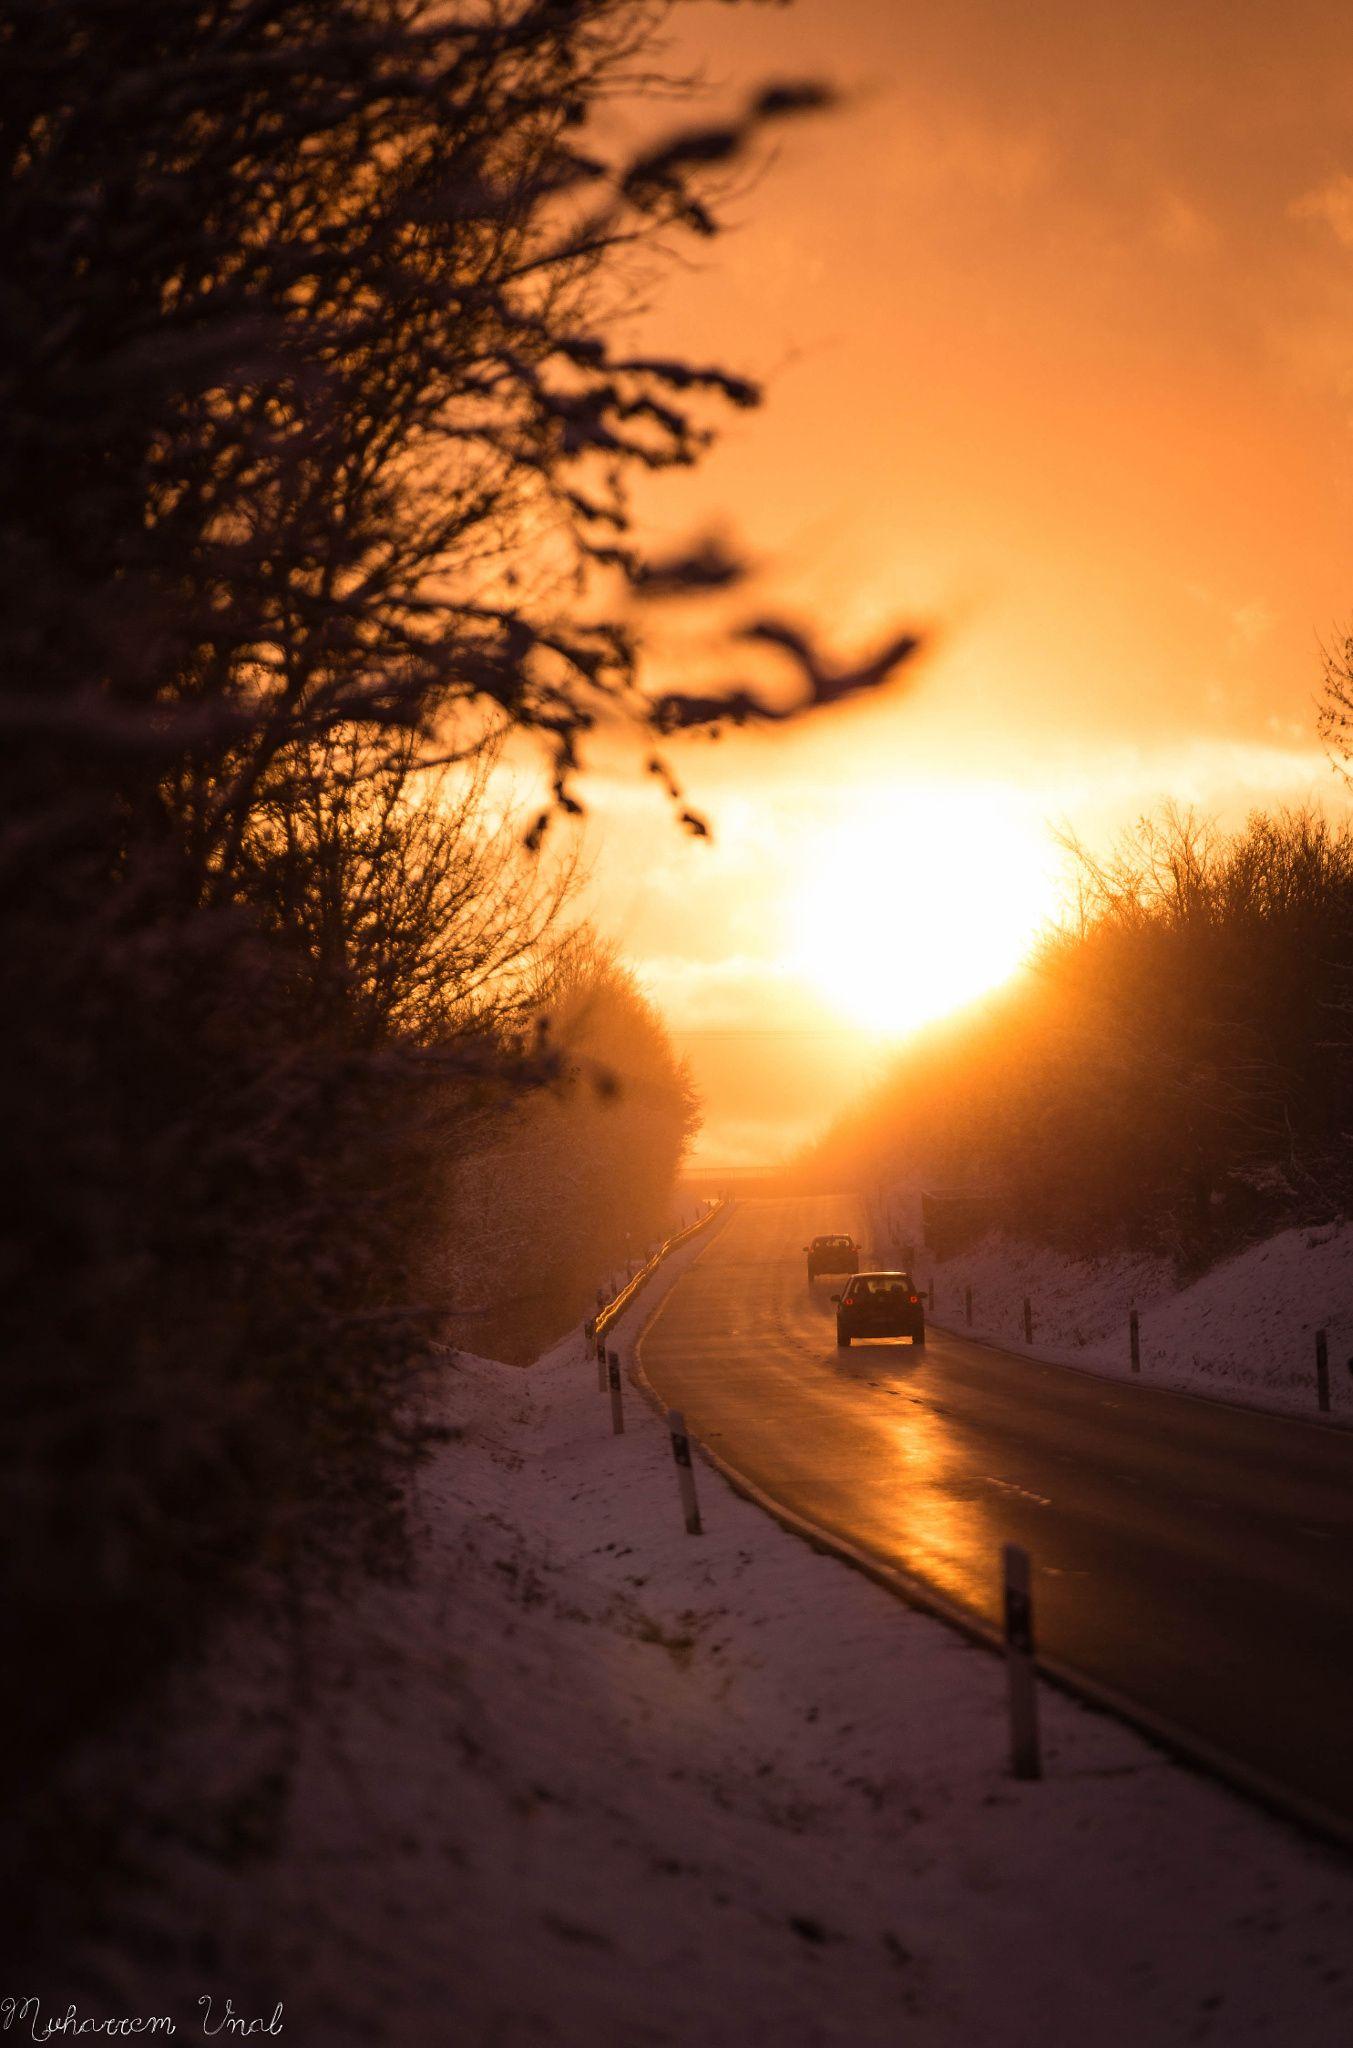 Sunset... by muharrem ünal on 500px  )